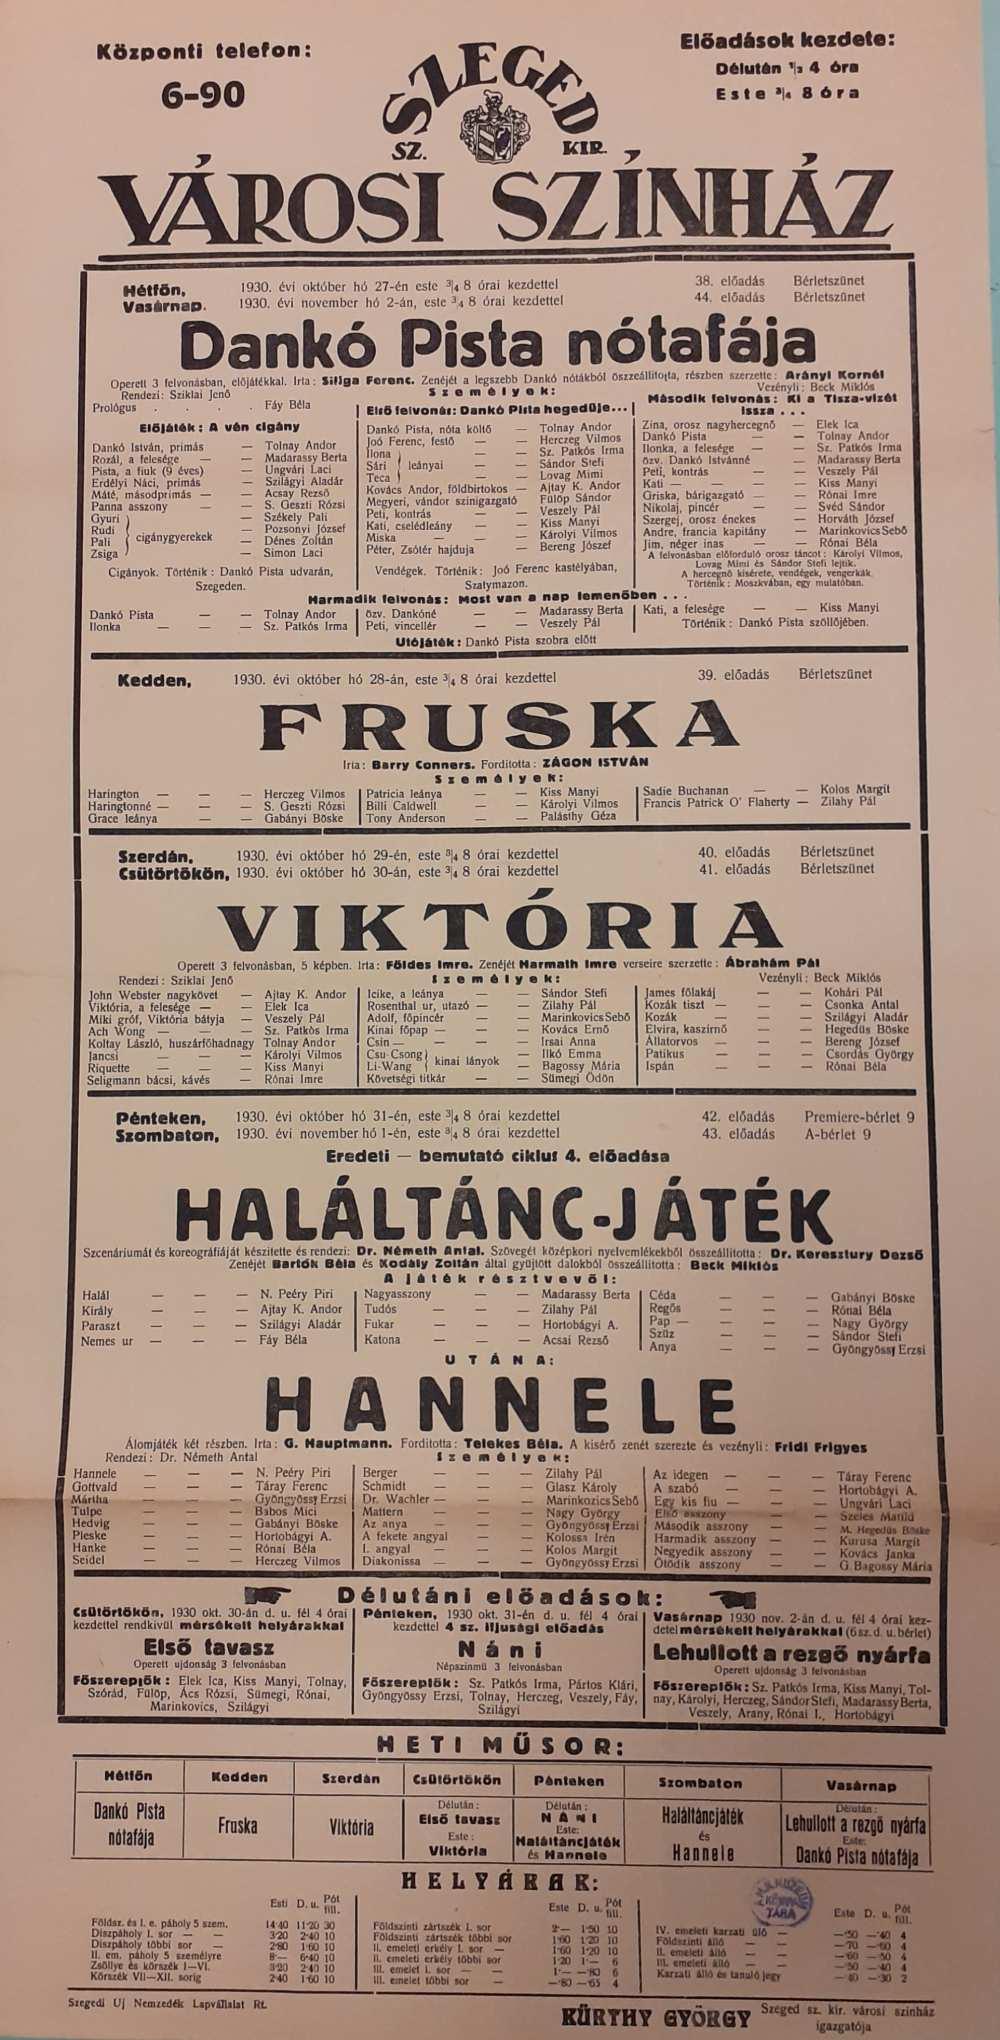 Haláltánc-játék. 1930. Színlap – Színháztörténeti és Zeneműtár színlapgyűjtemény